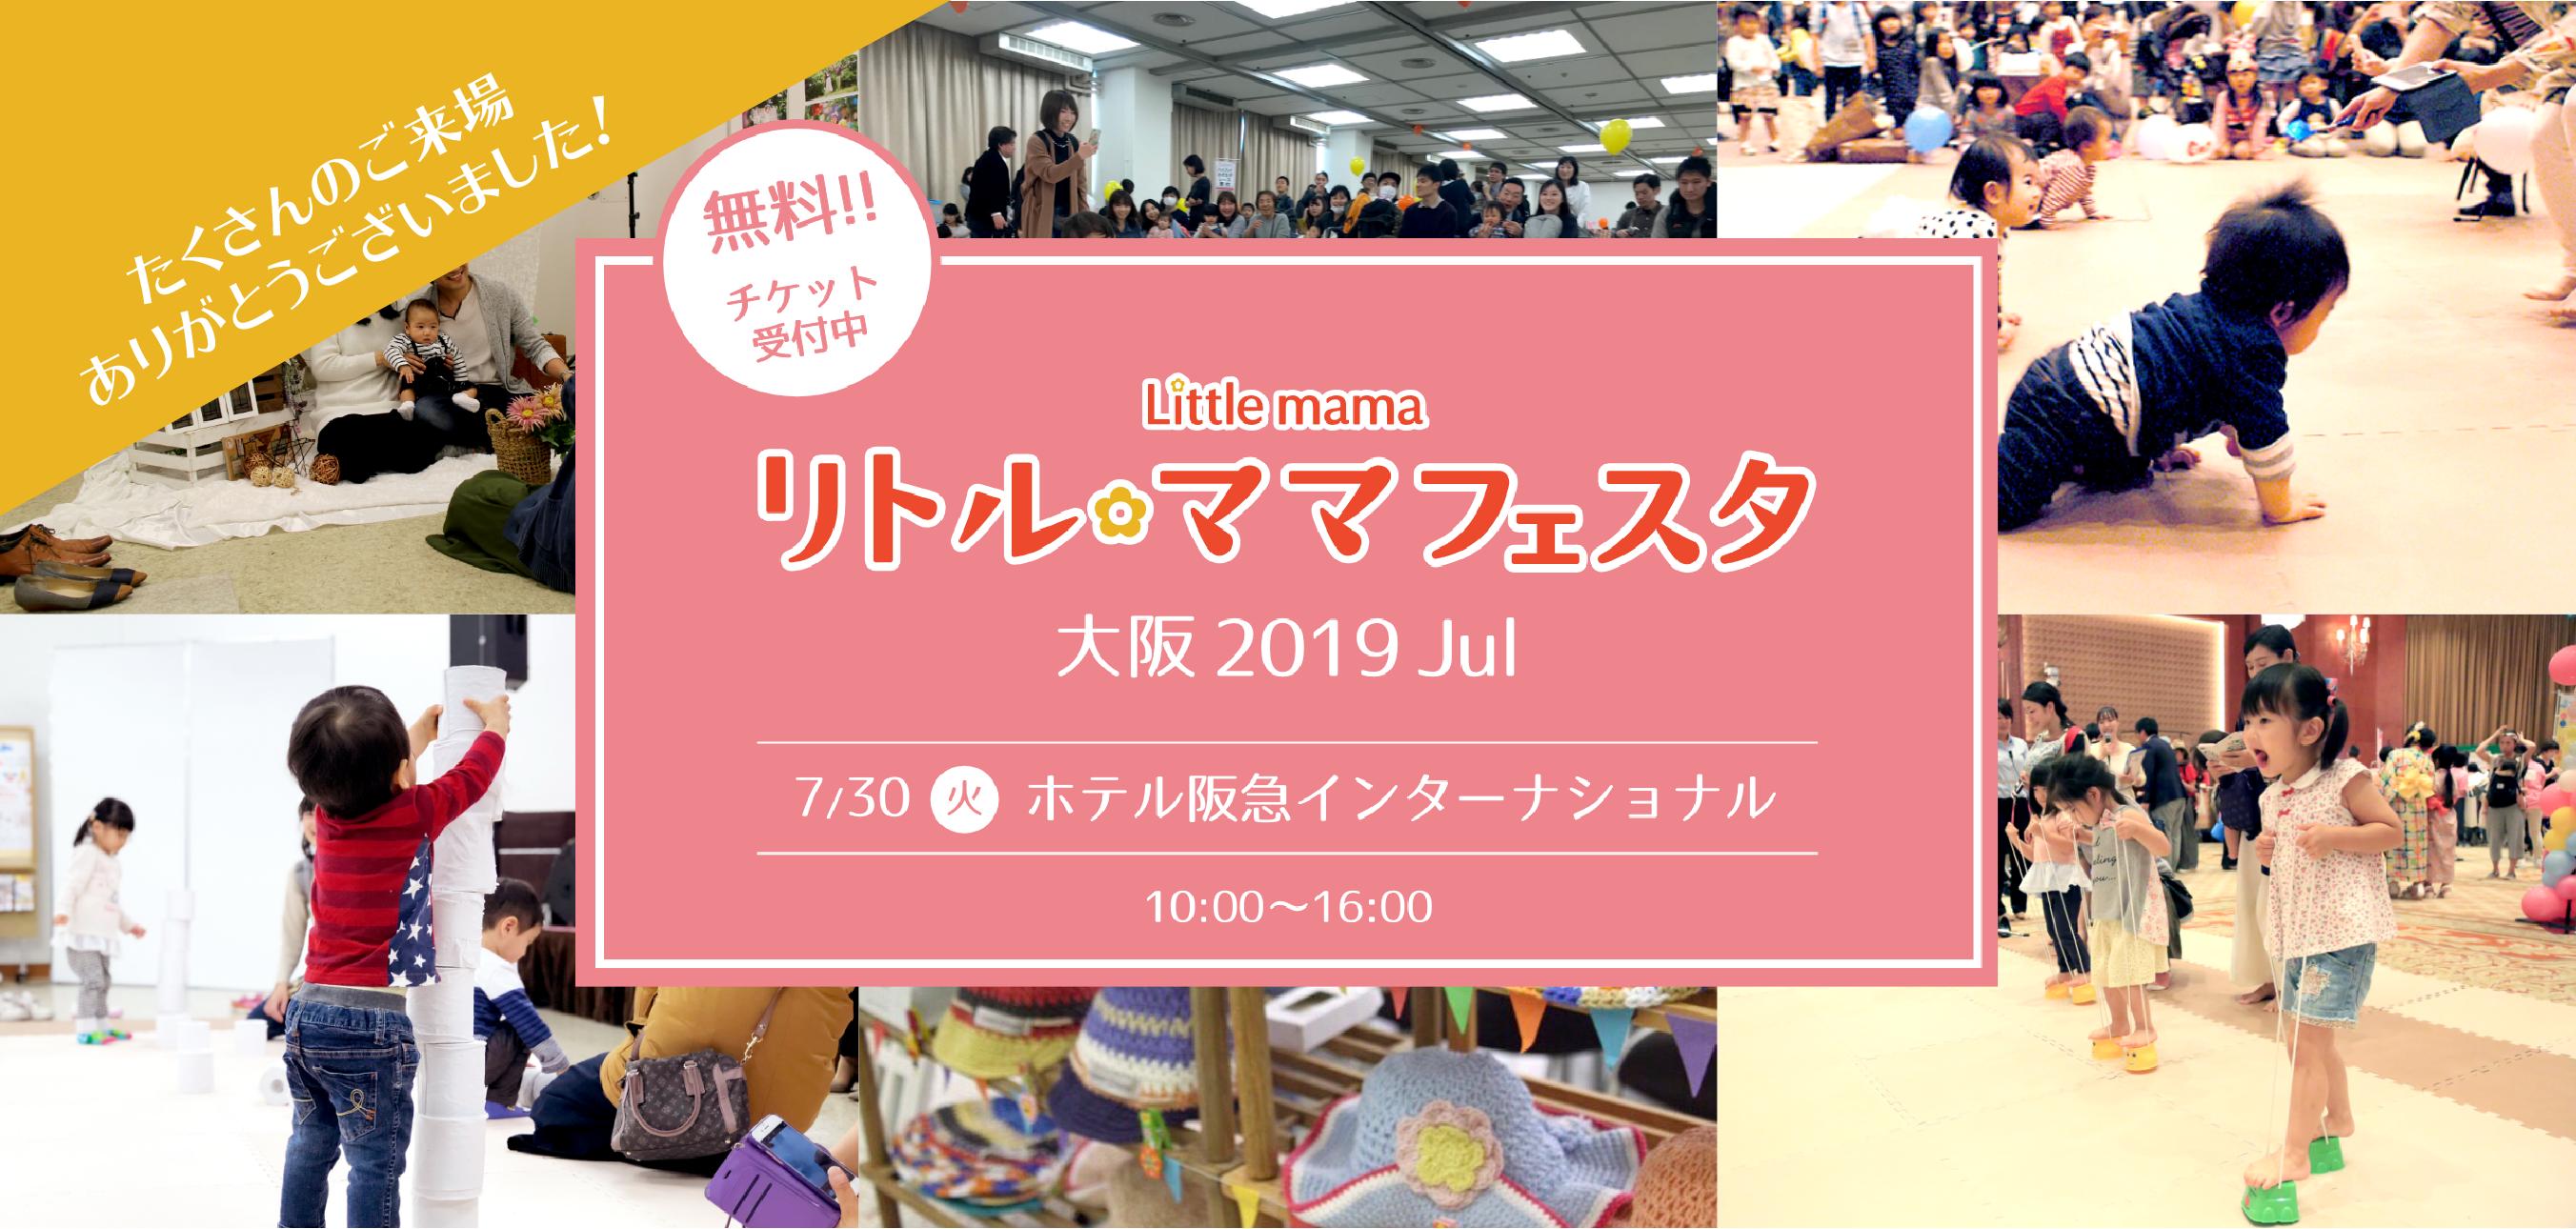 リトル・ママフェスタ大阪2019Jul